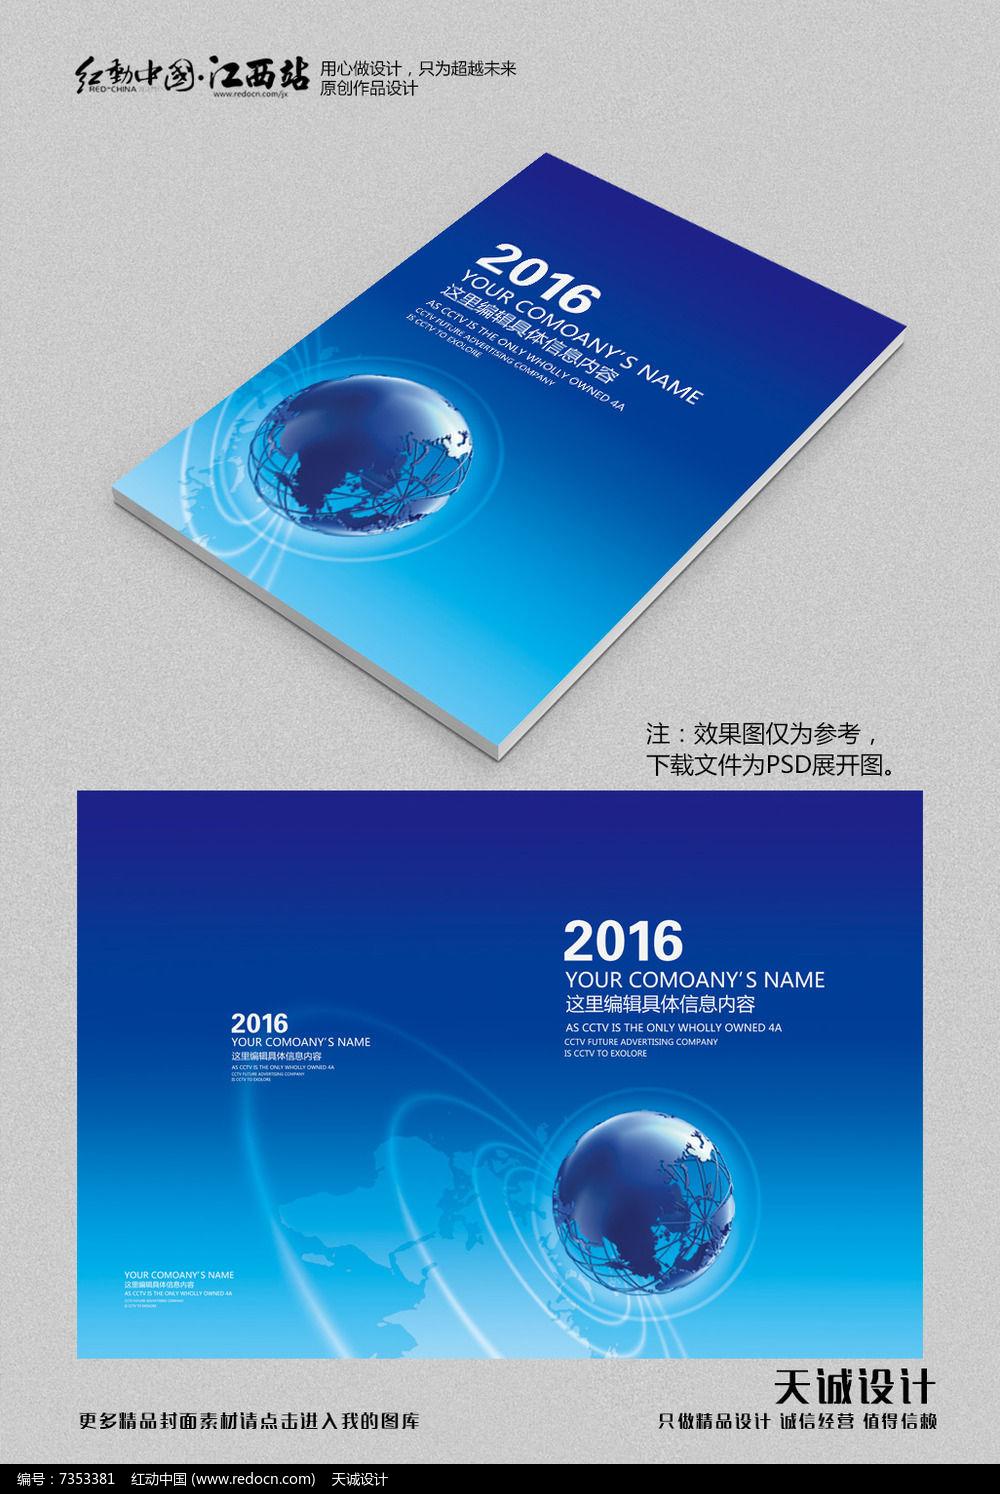 简约蓝色科技画册封面设计图片